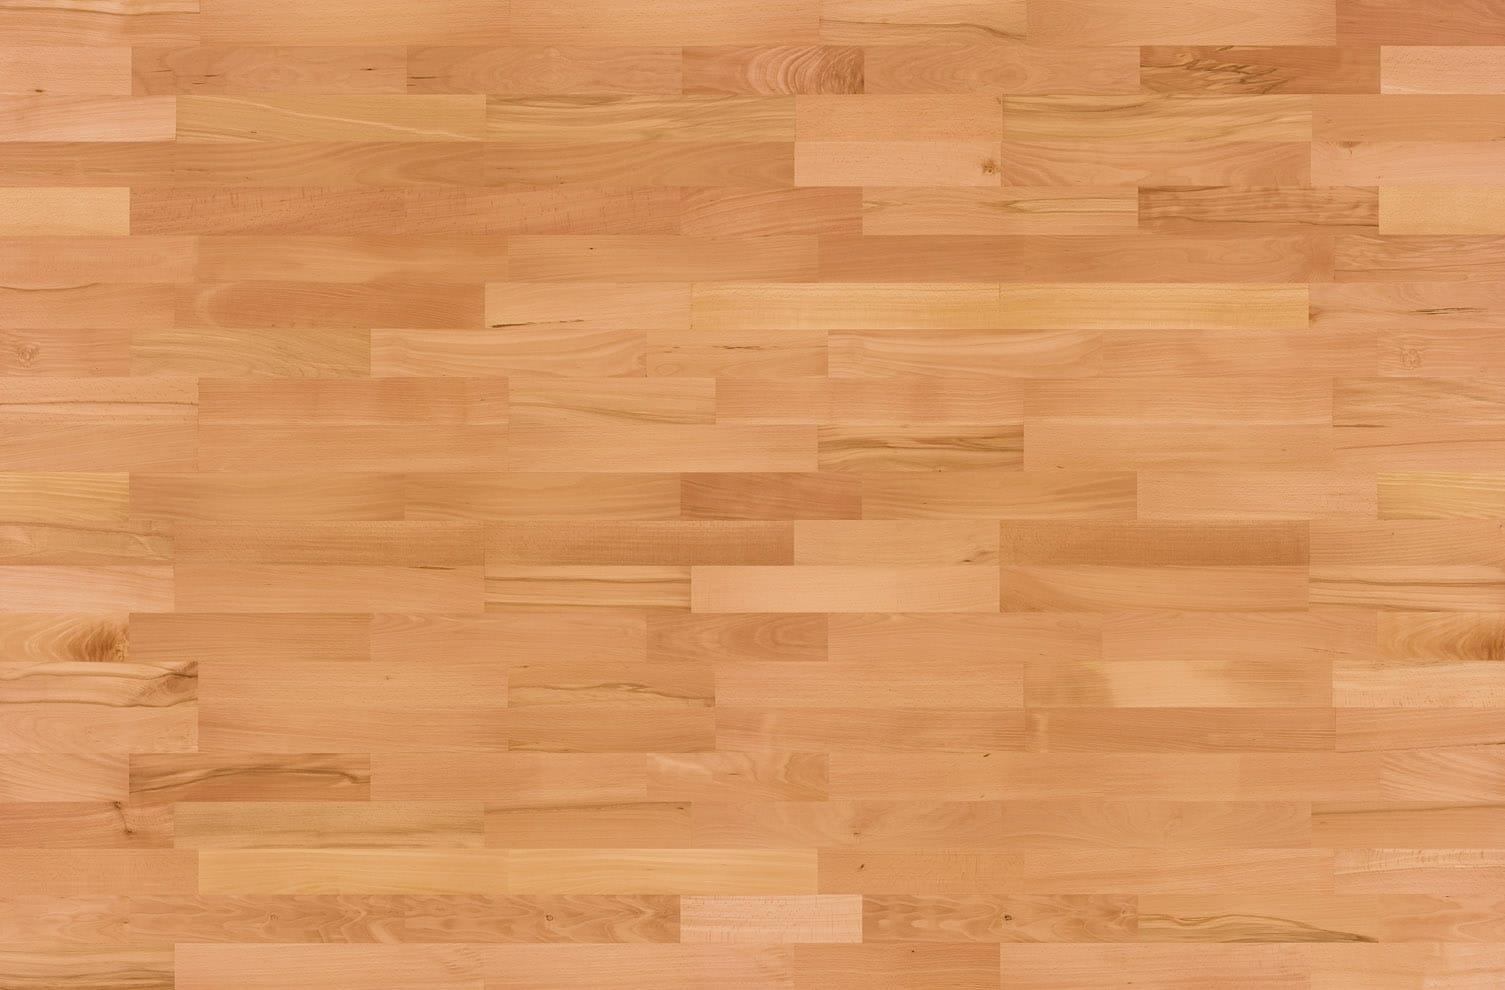 Buk parzony lakierowany - deska barlinecka